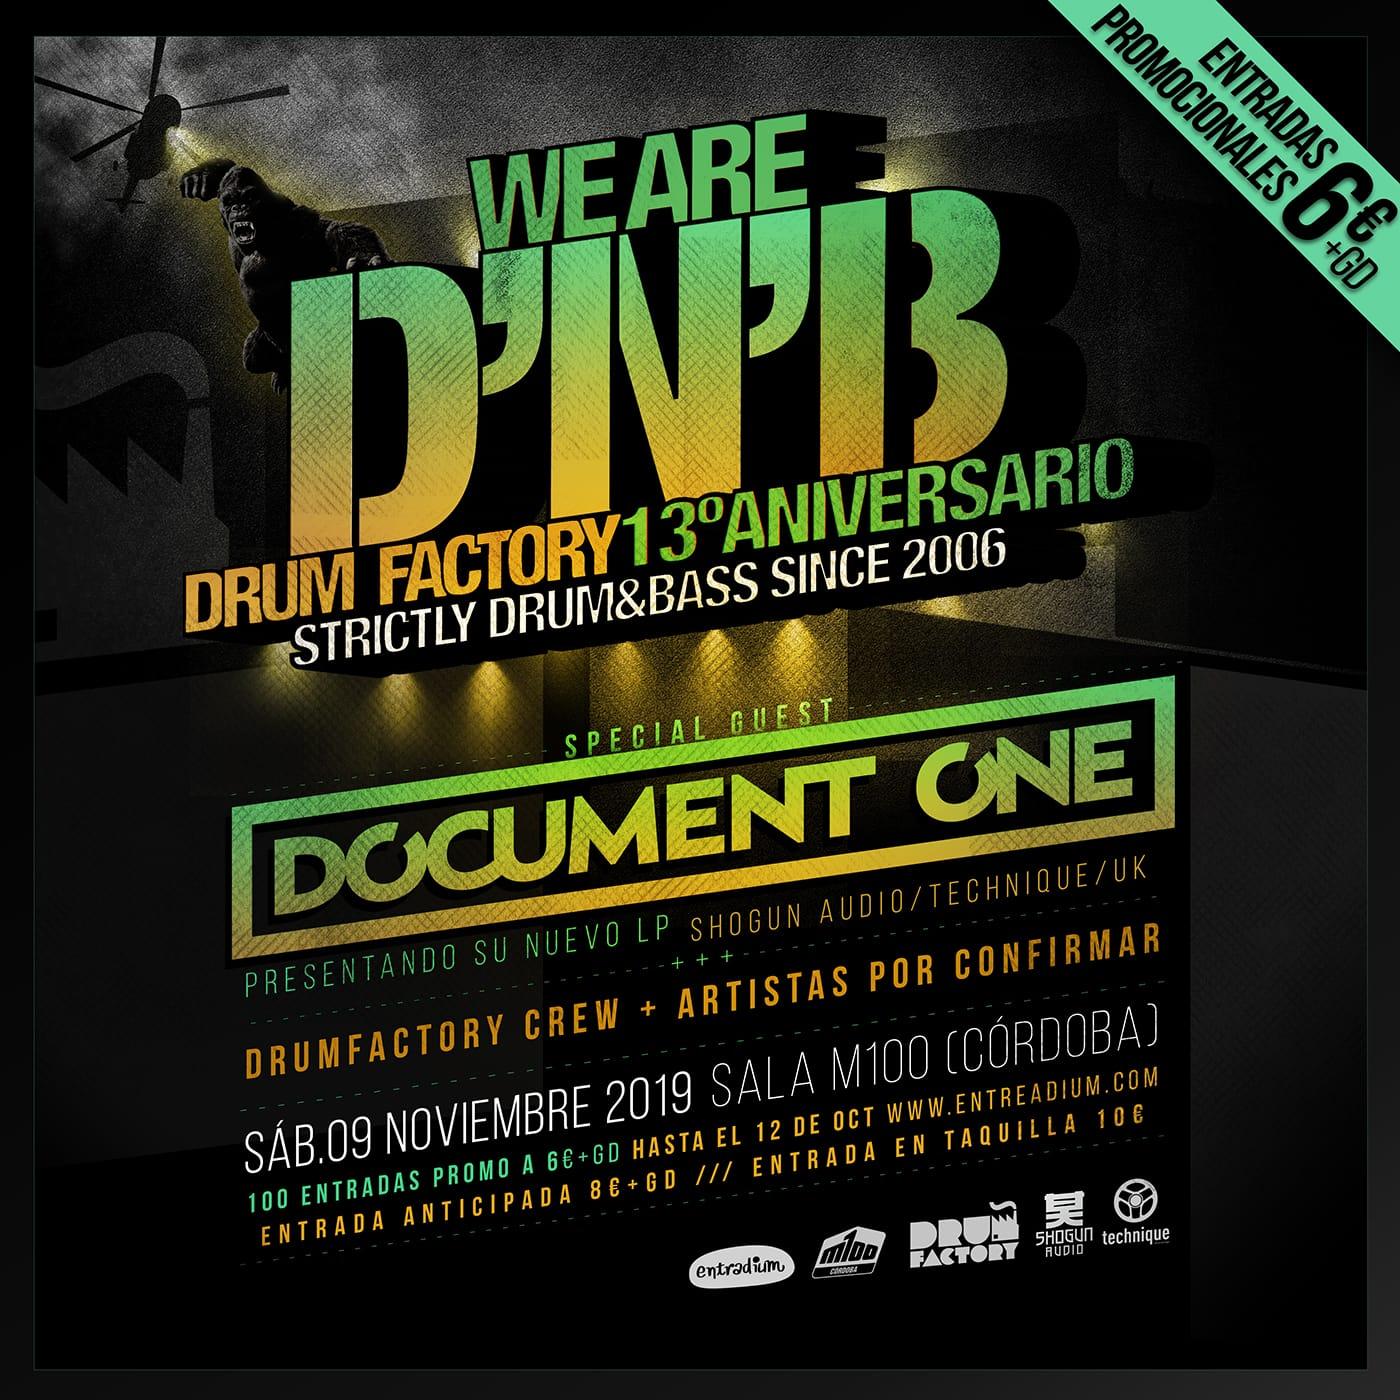 We Are DNB - Drum Factory 13ºAniversario